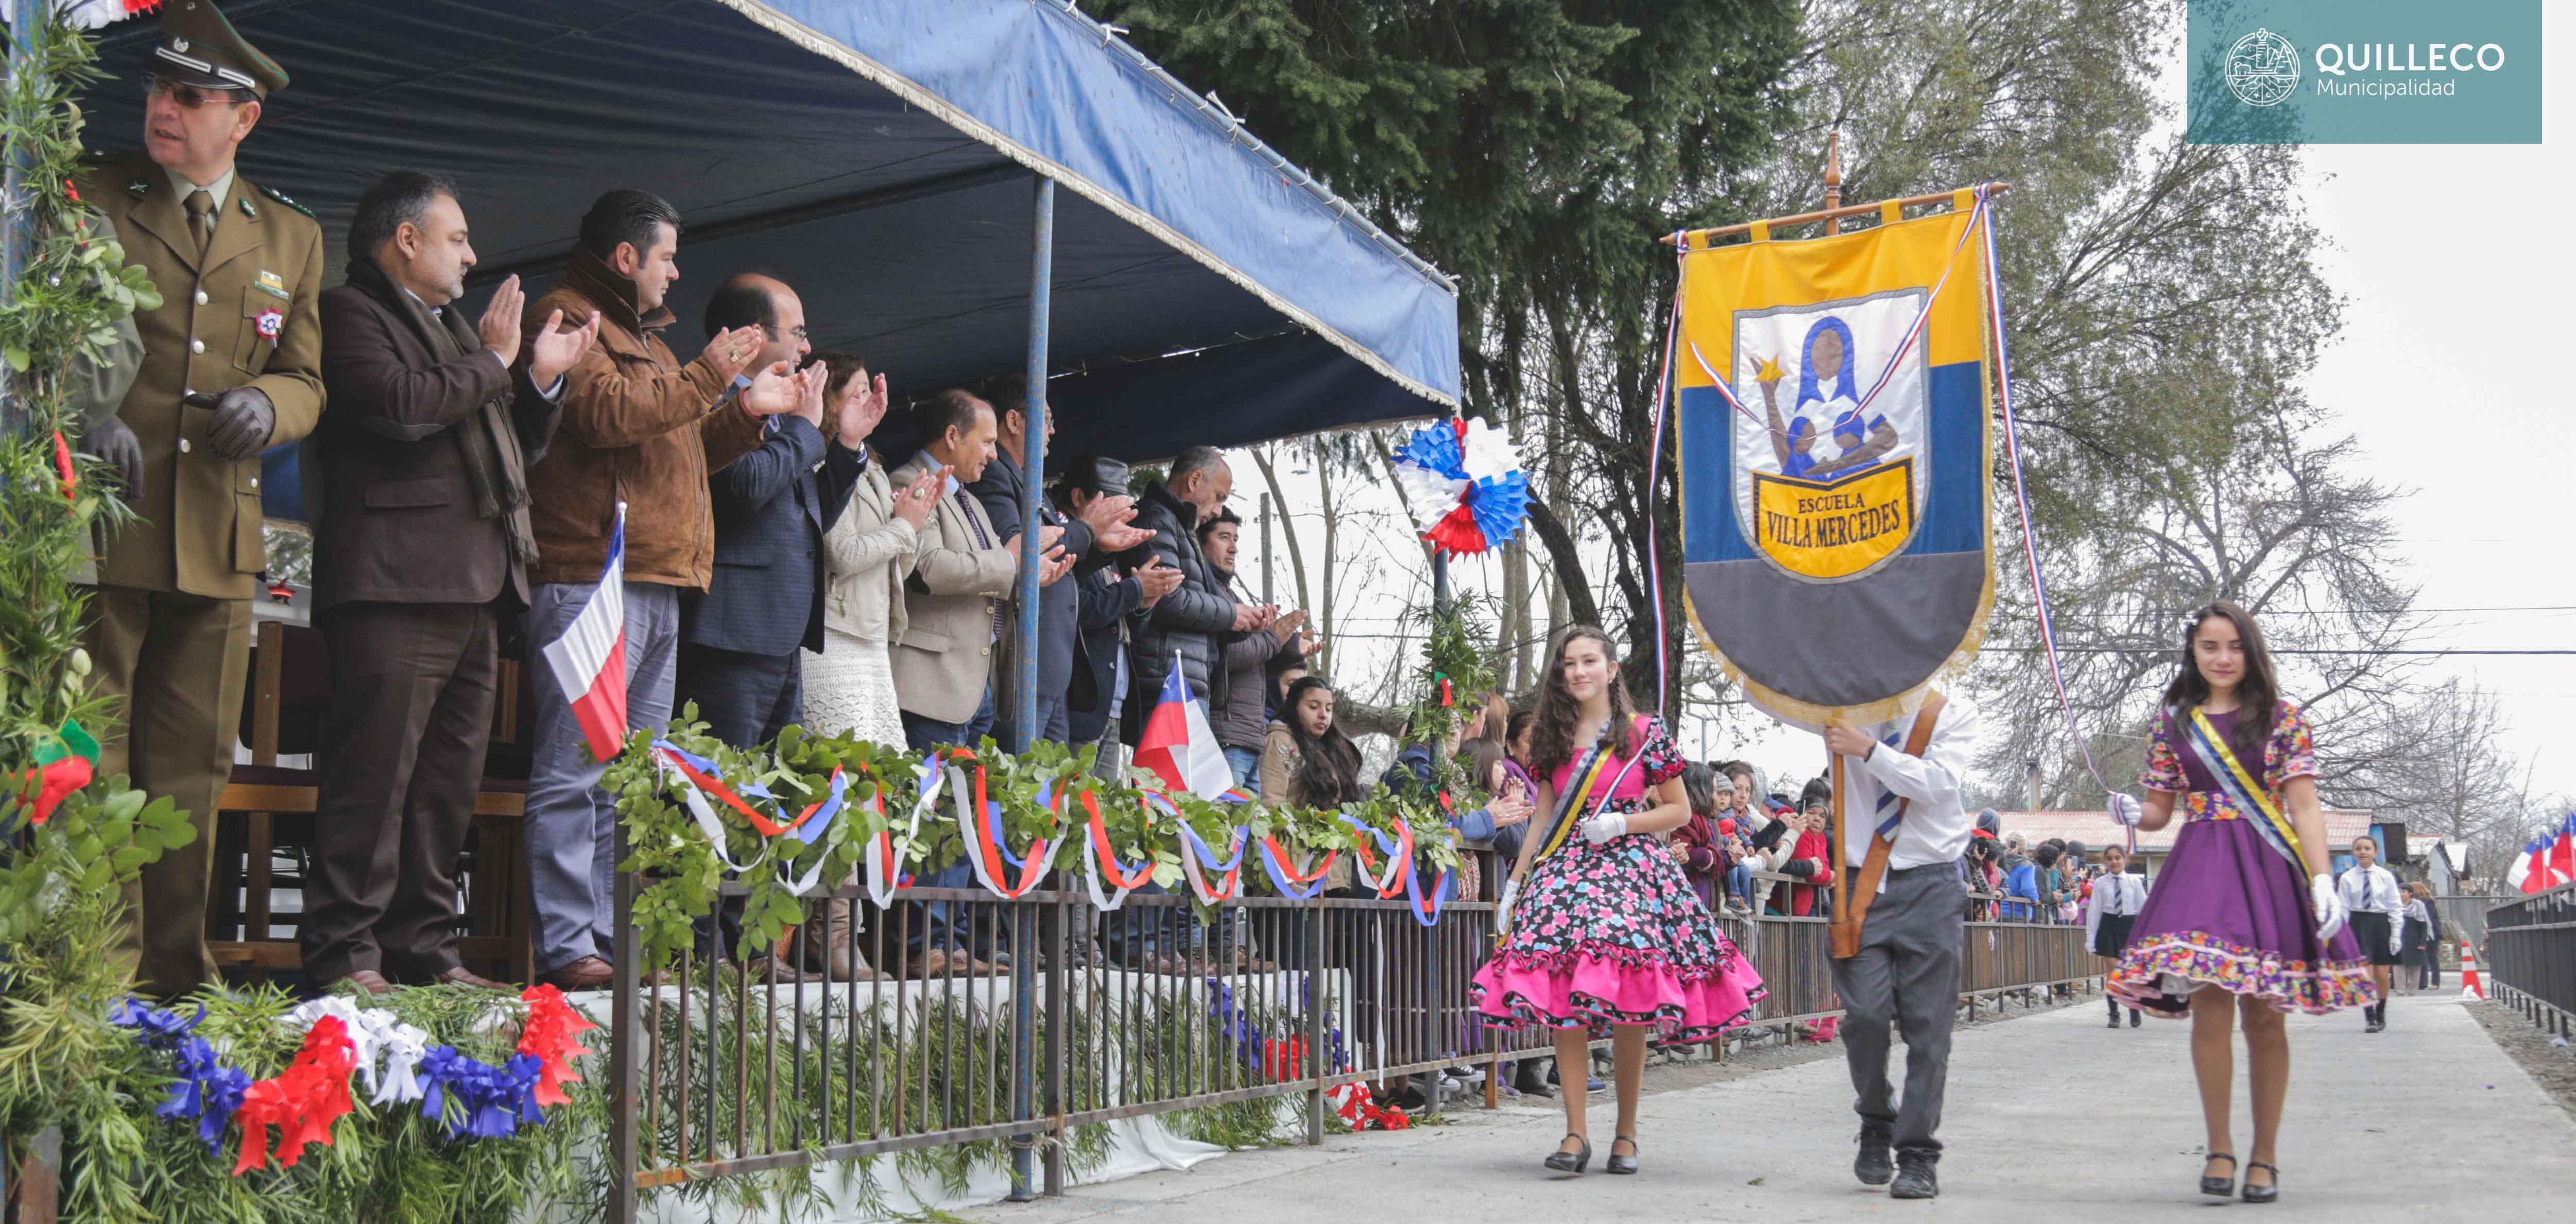 Escuela de Villa Mercedes encabezó acto y desfile con motivo del aniversario patrio 2017